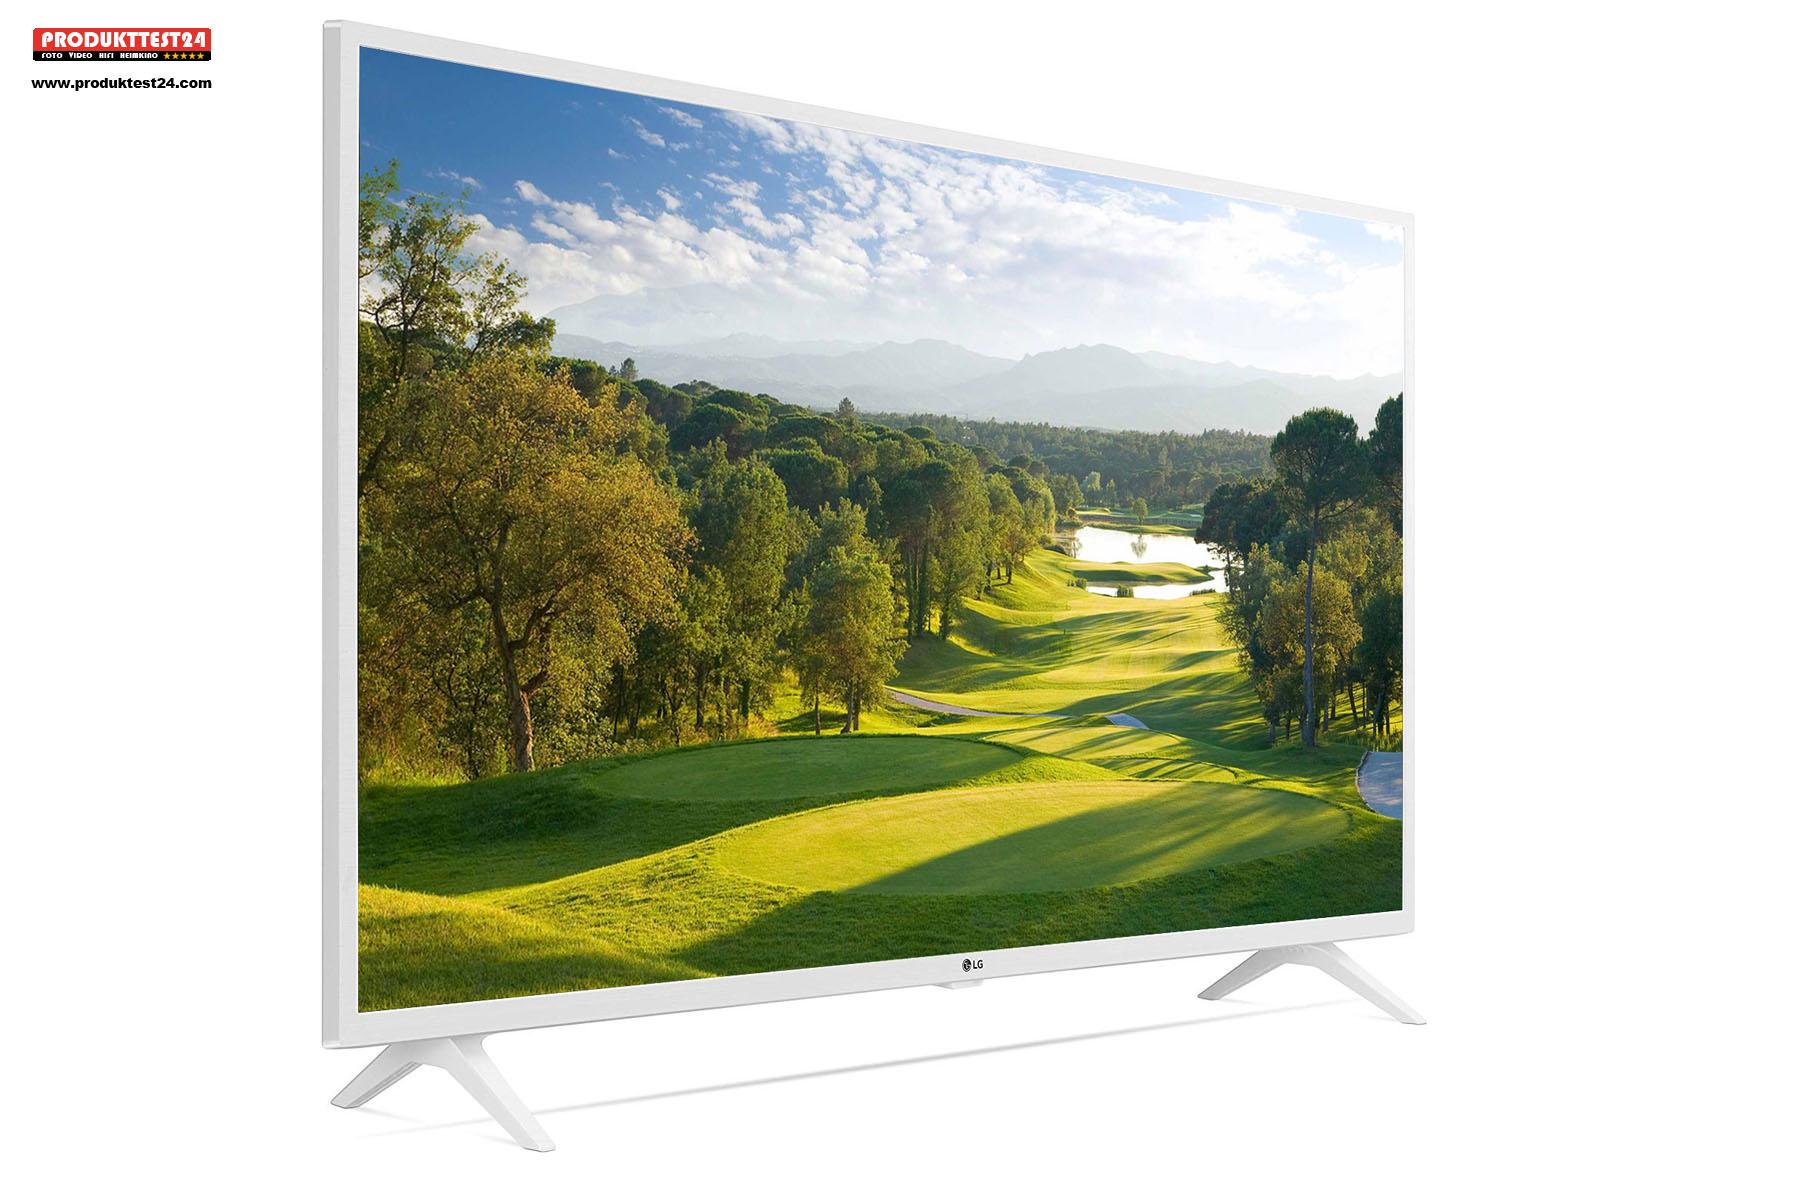 Der LG 43UM7390 UHD 4K-Fernseher mit SmartTV, Smart Home Steuerung und Triple Tuner